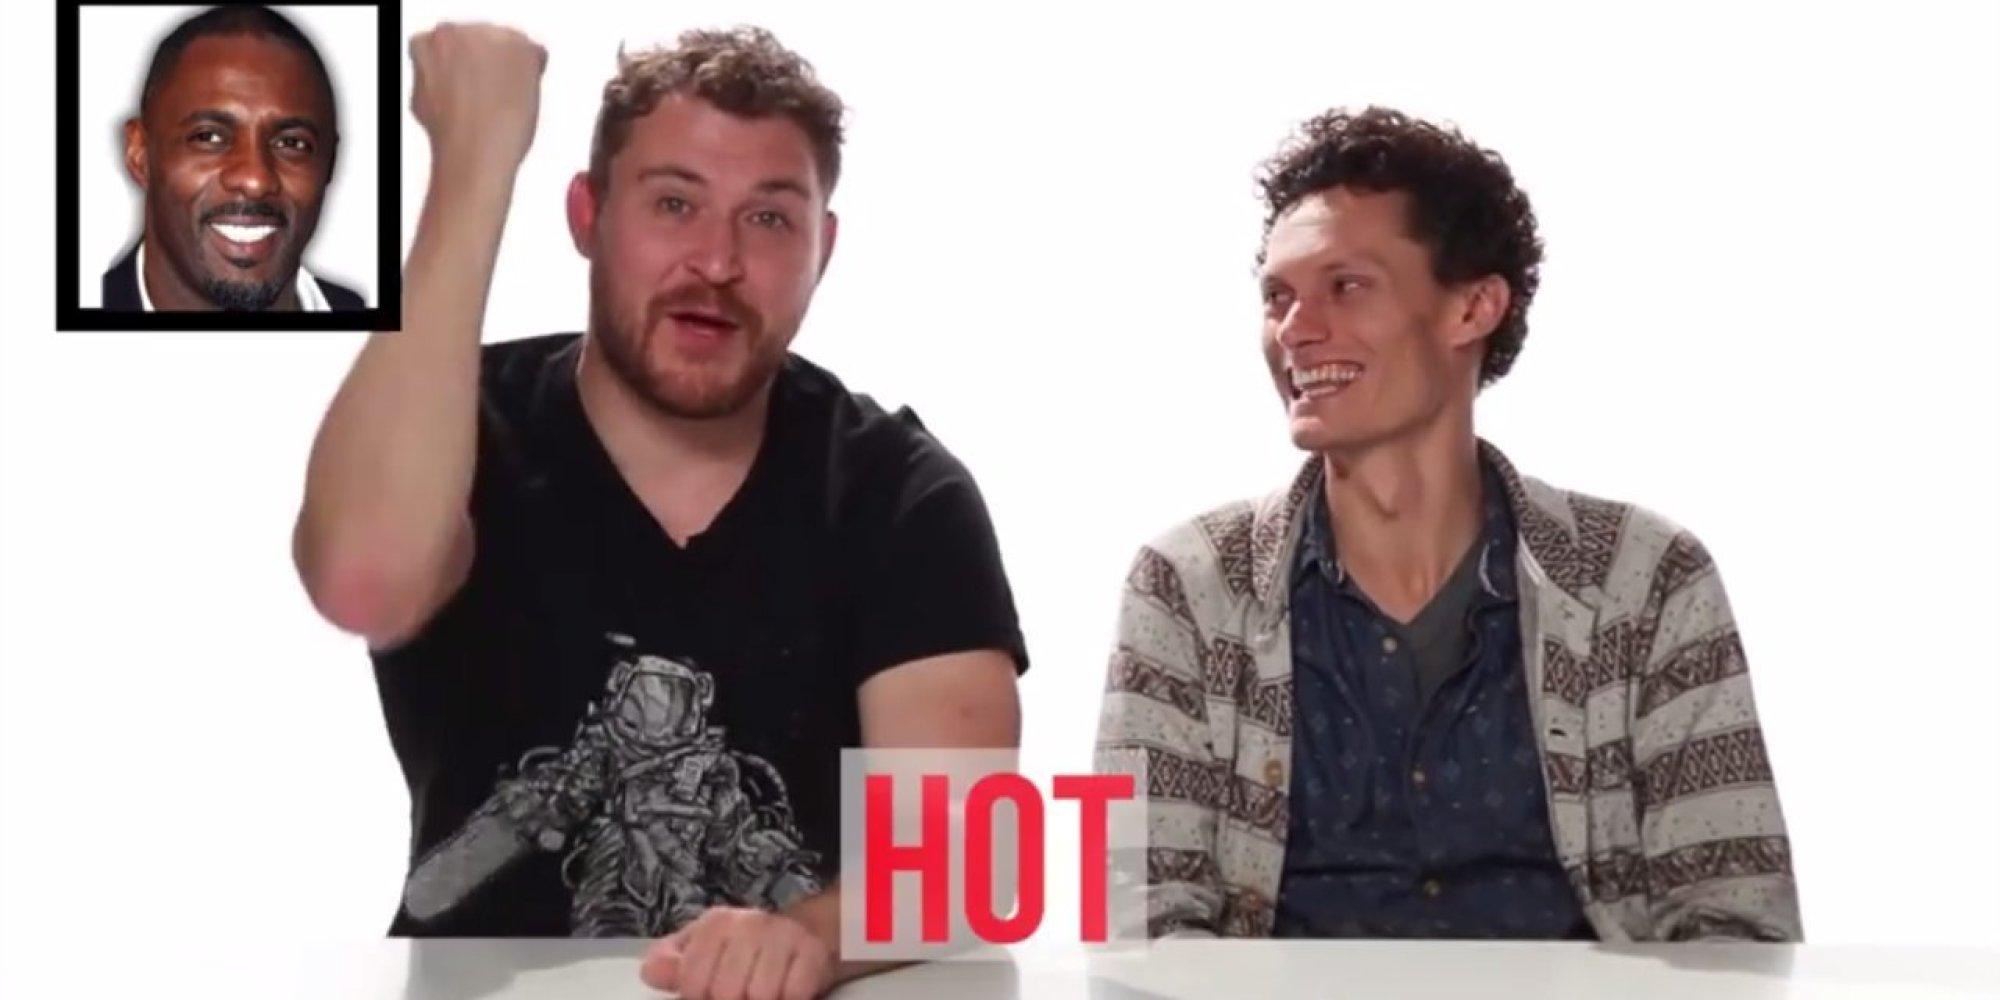 hot straightguy